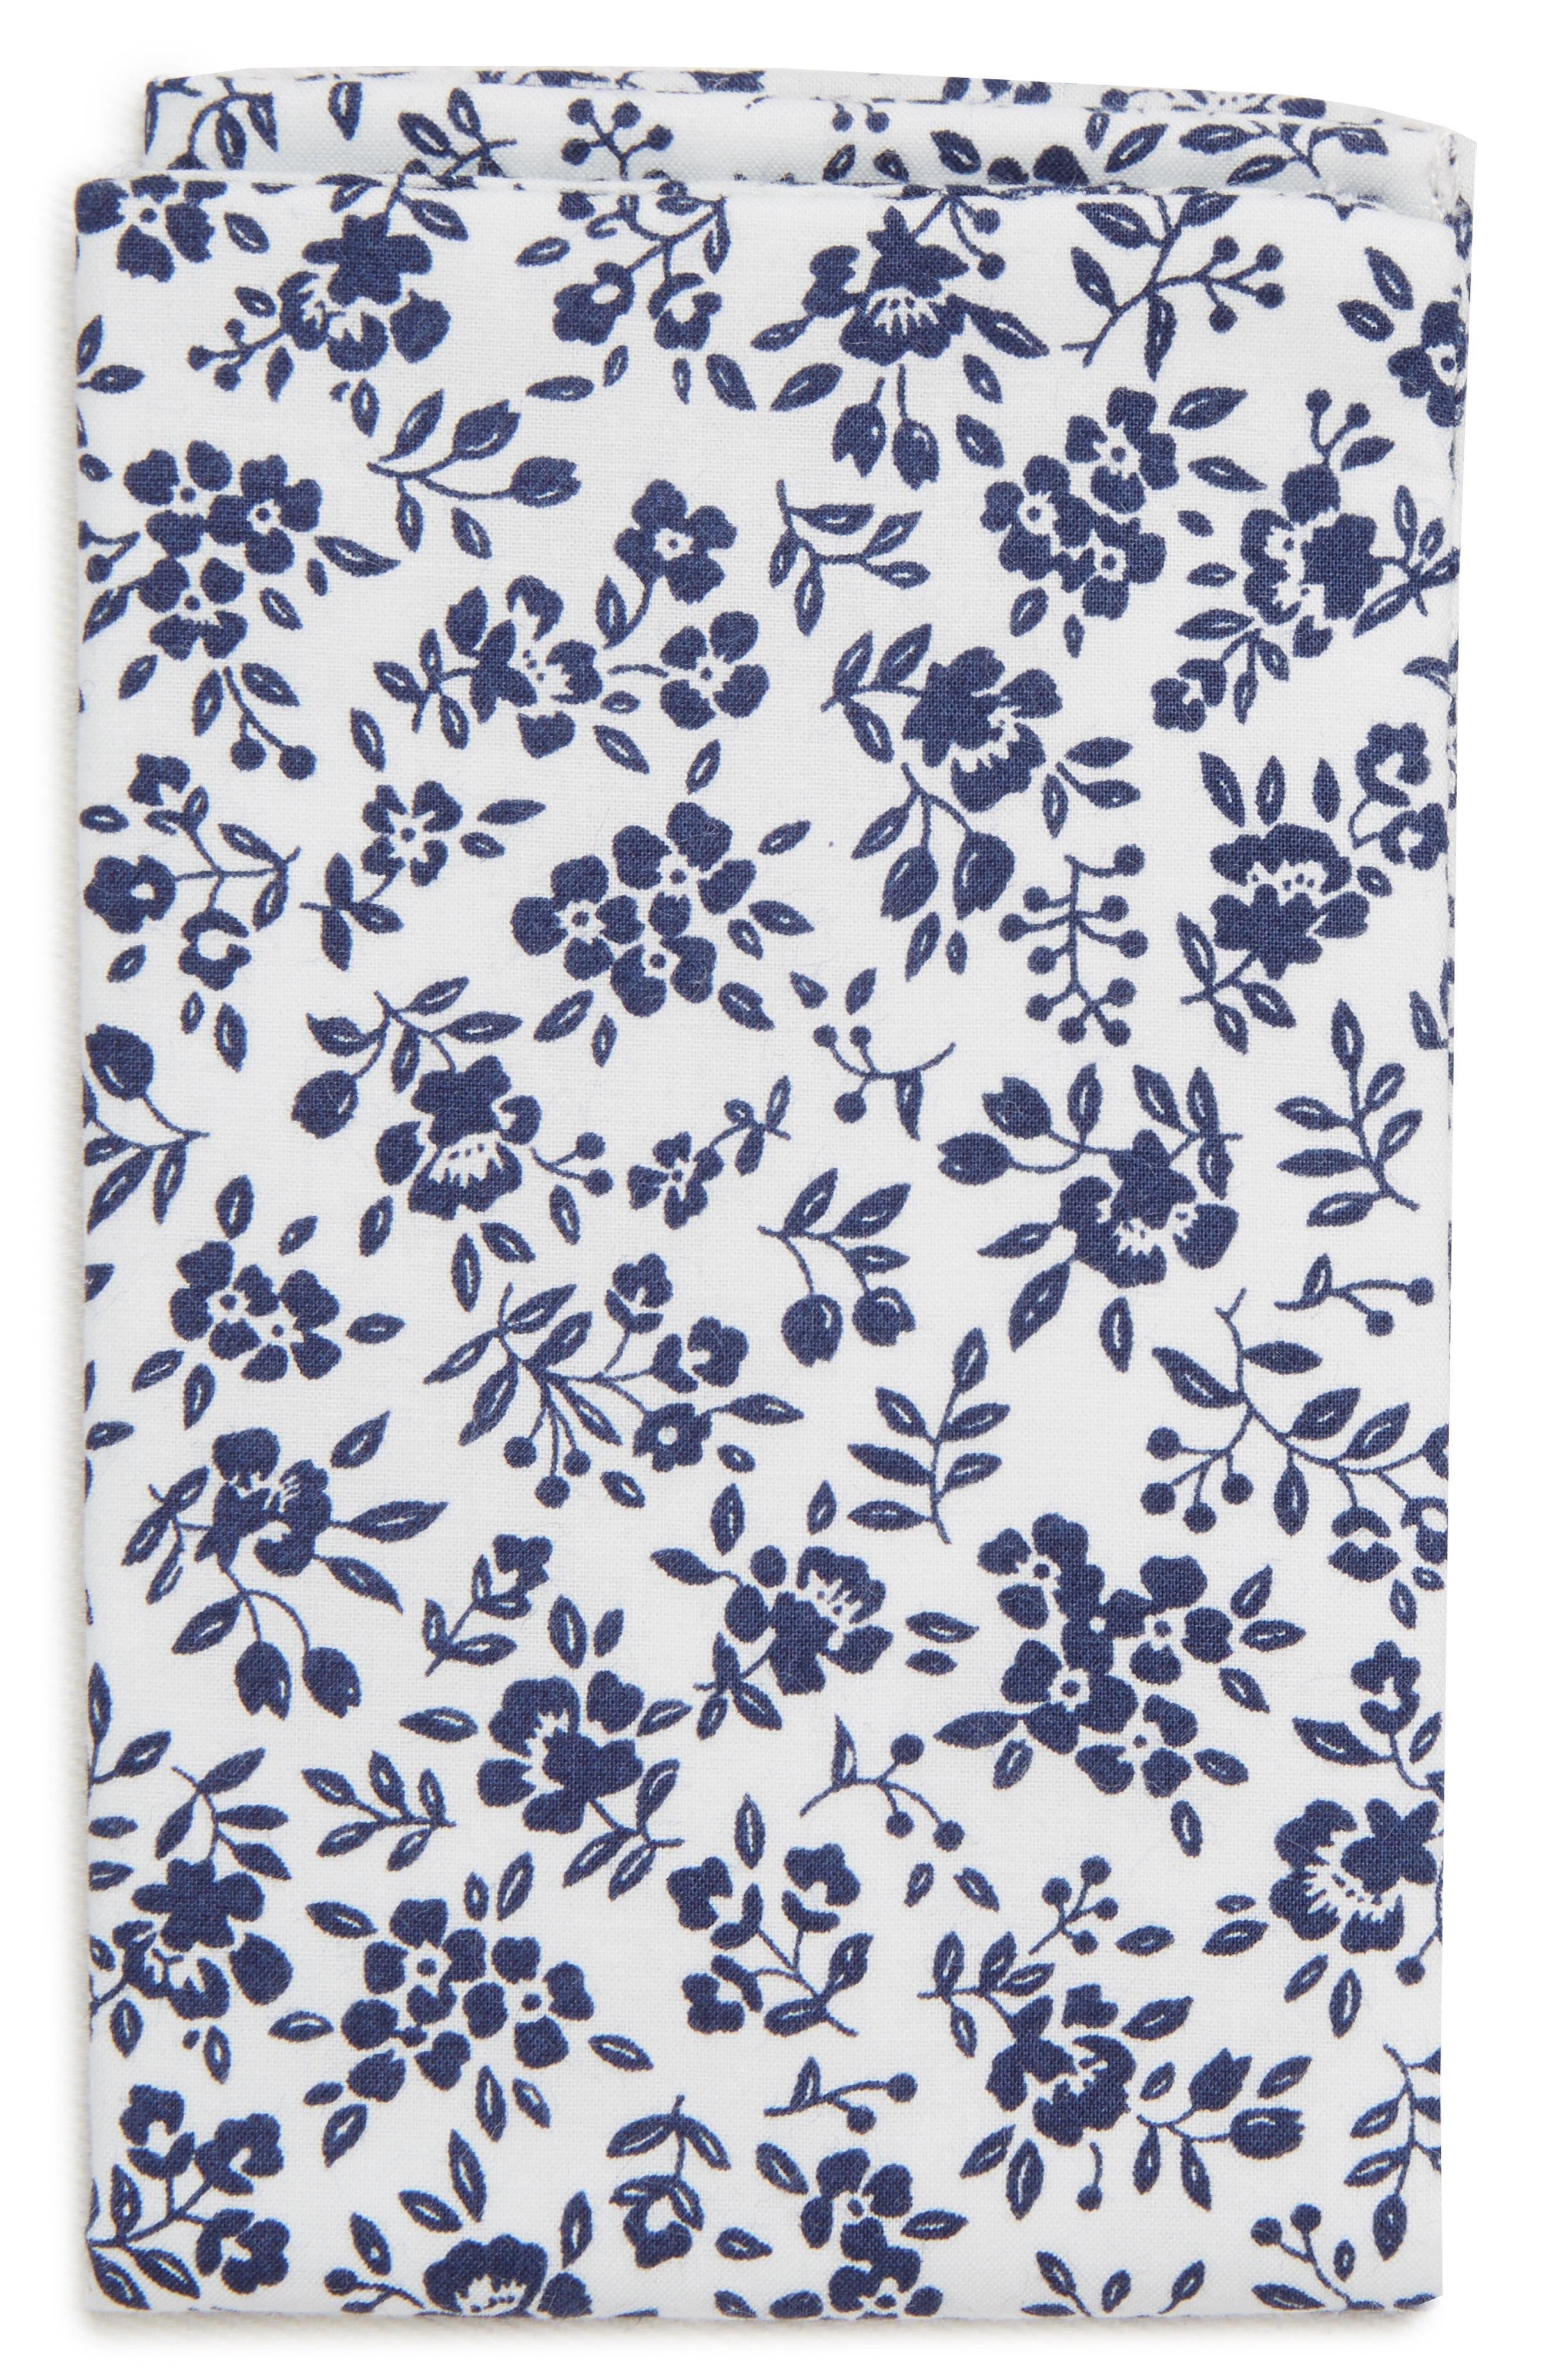 Floral Cotton Pocket Square,                         Main,                         color, 400